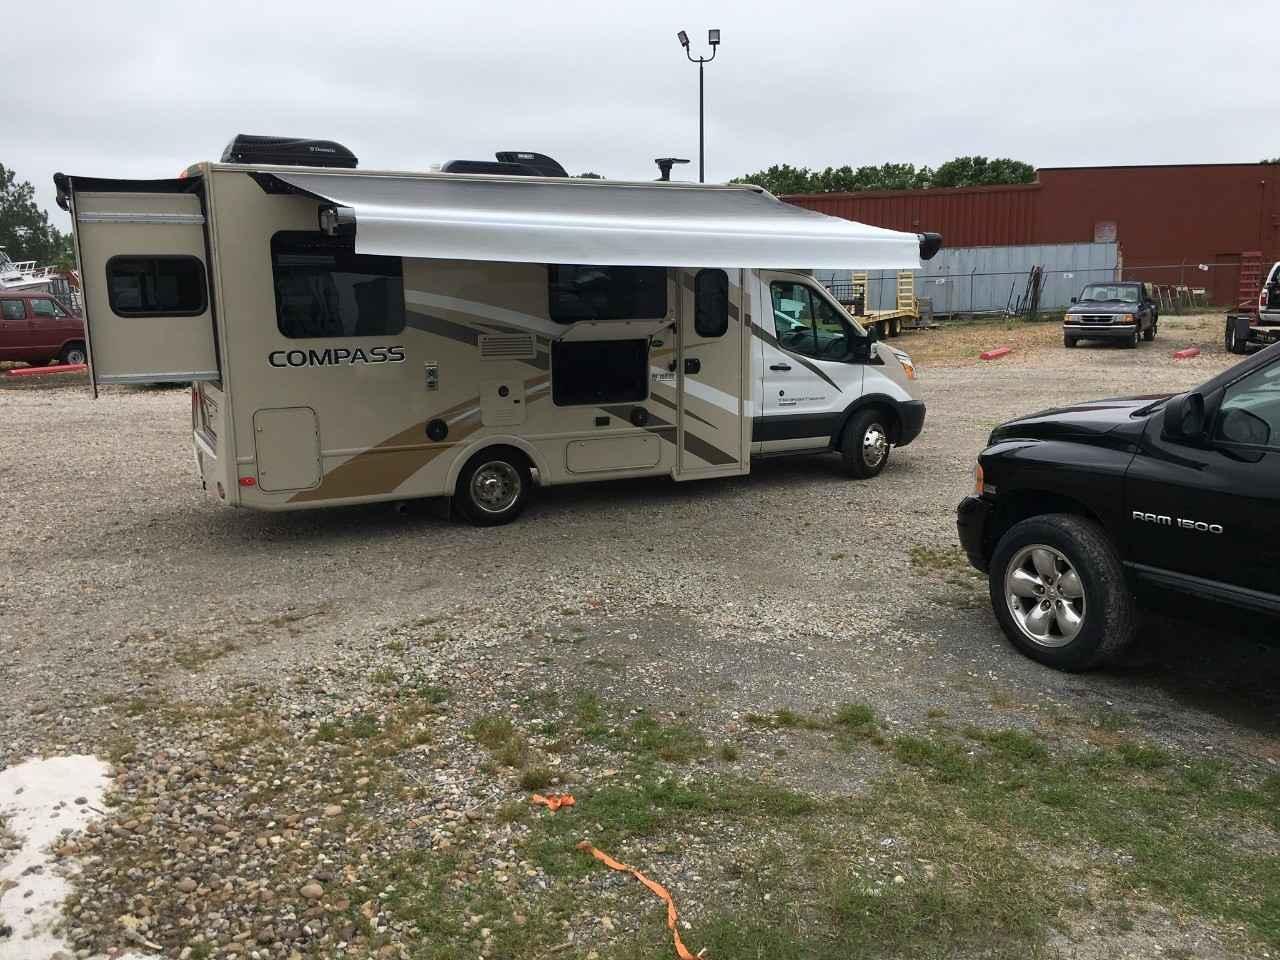 2017 Used Thor Motor Coach Compass 23tr Class C In Virginia Va